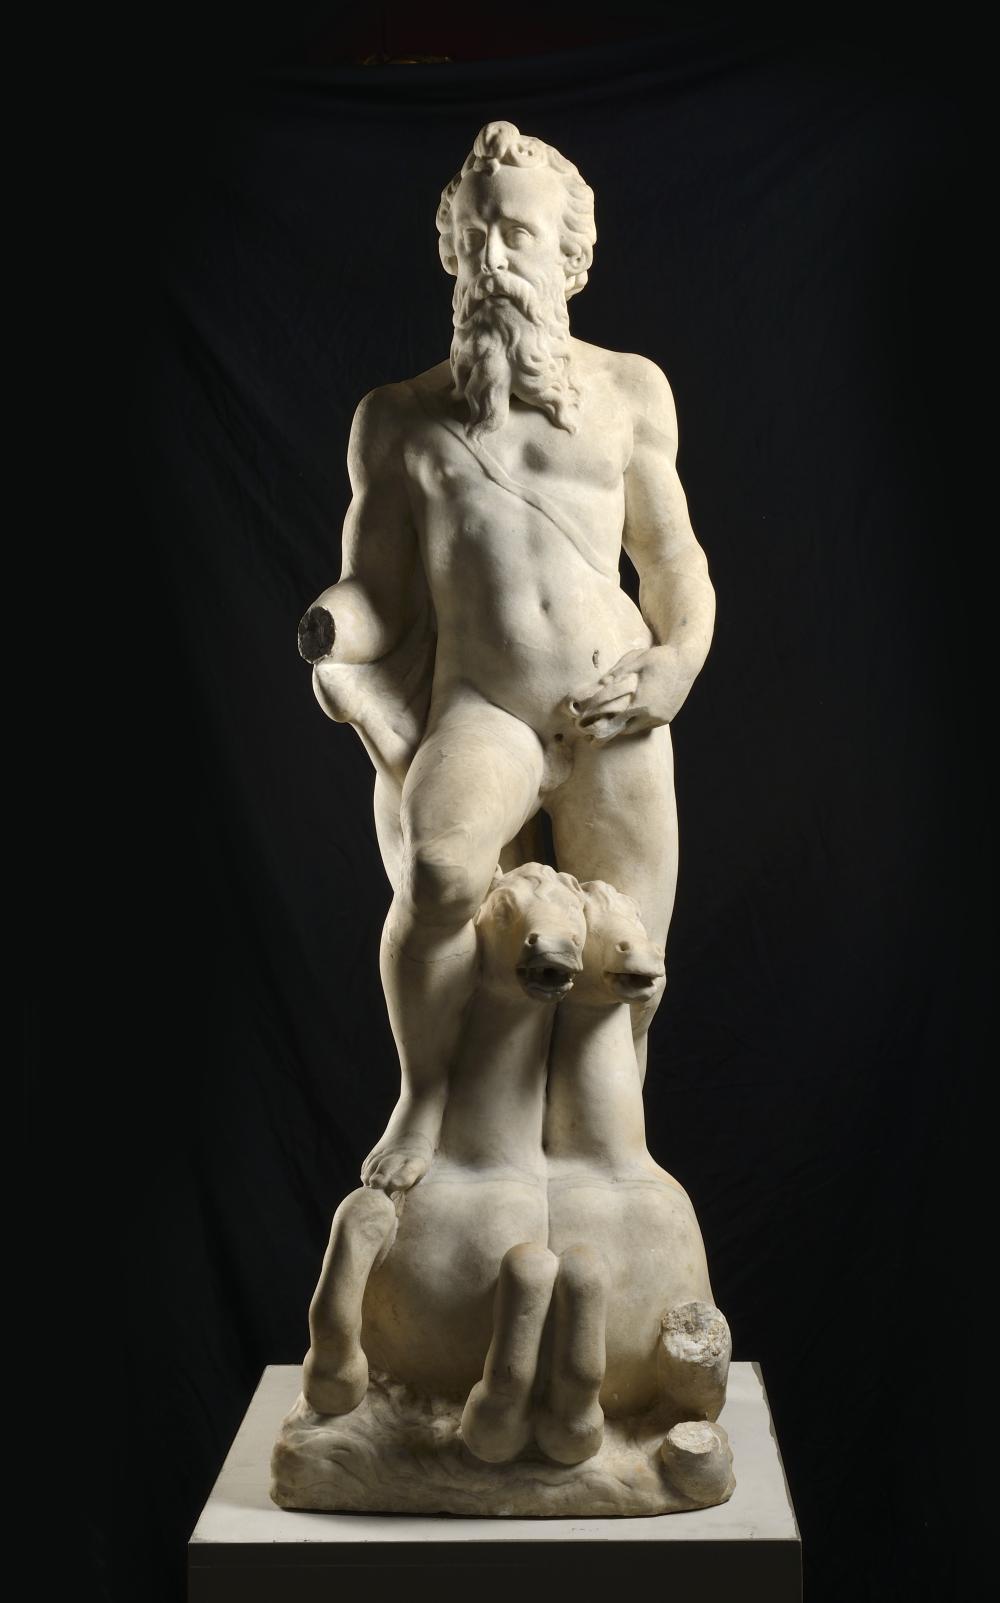 Girolamo Campagna (1549 - 1625), Statue of Neptune